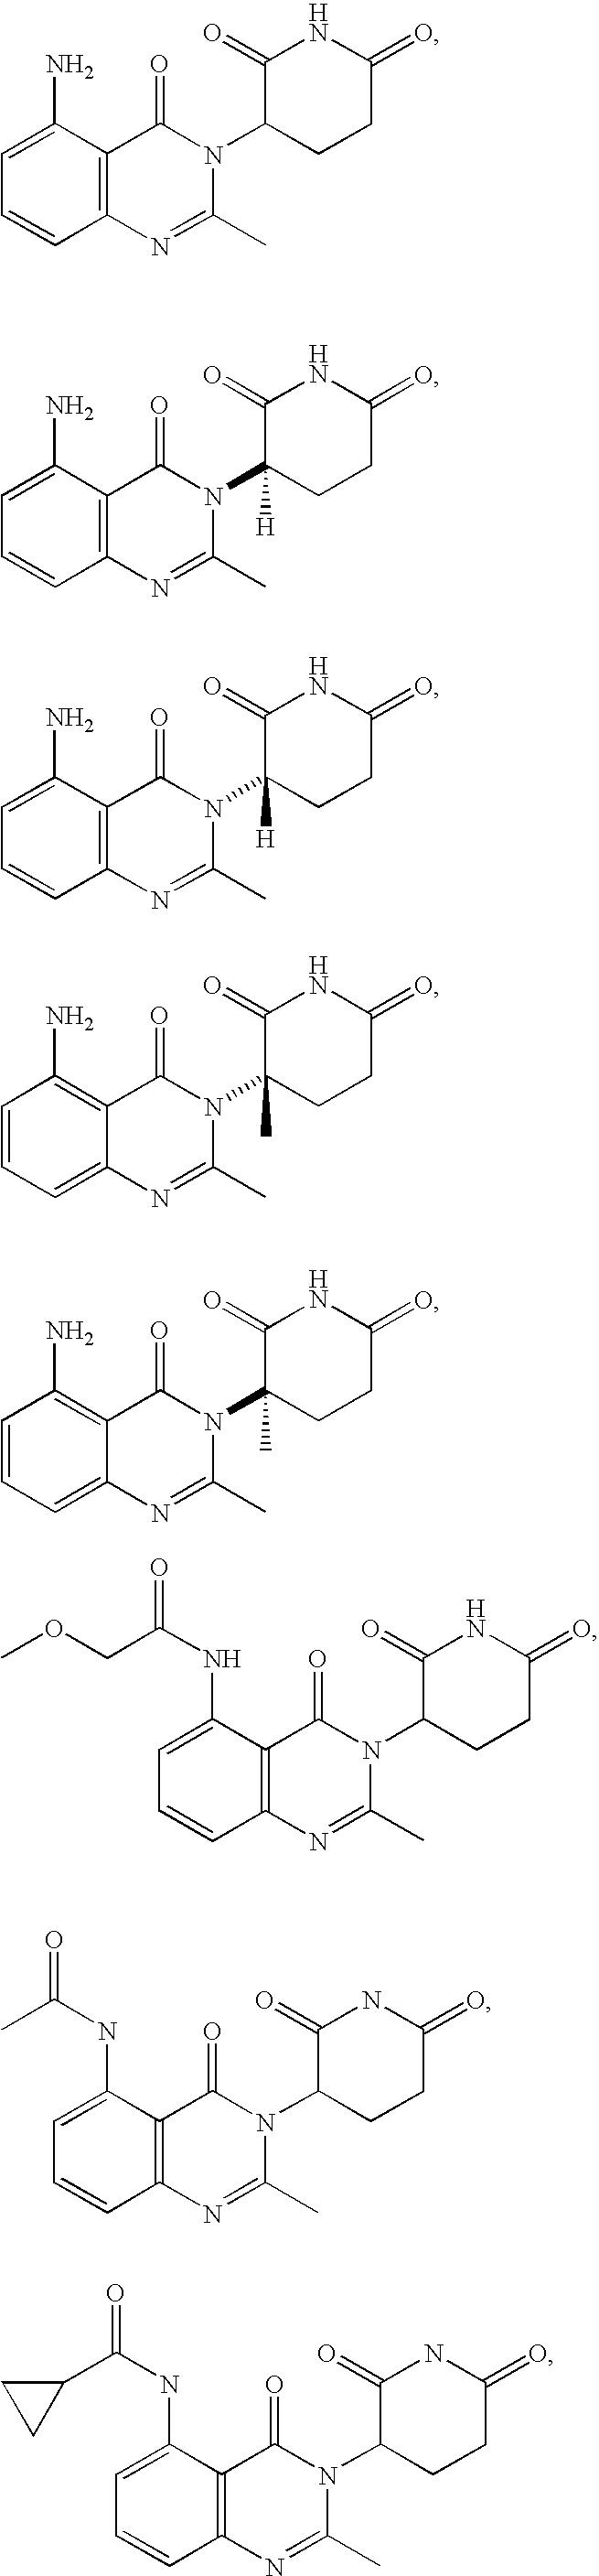 Figure US07635700-20091222-C00007